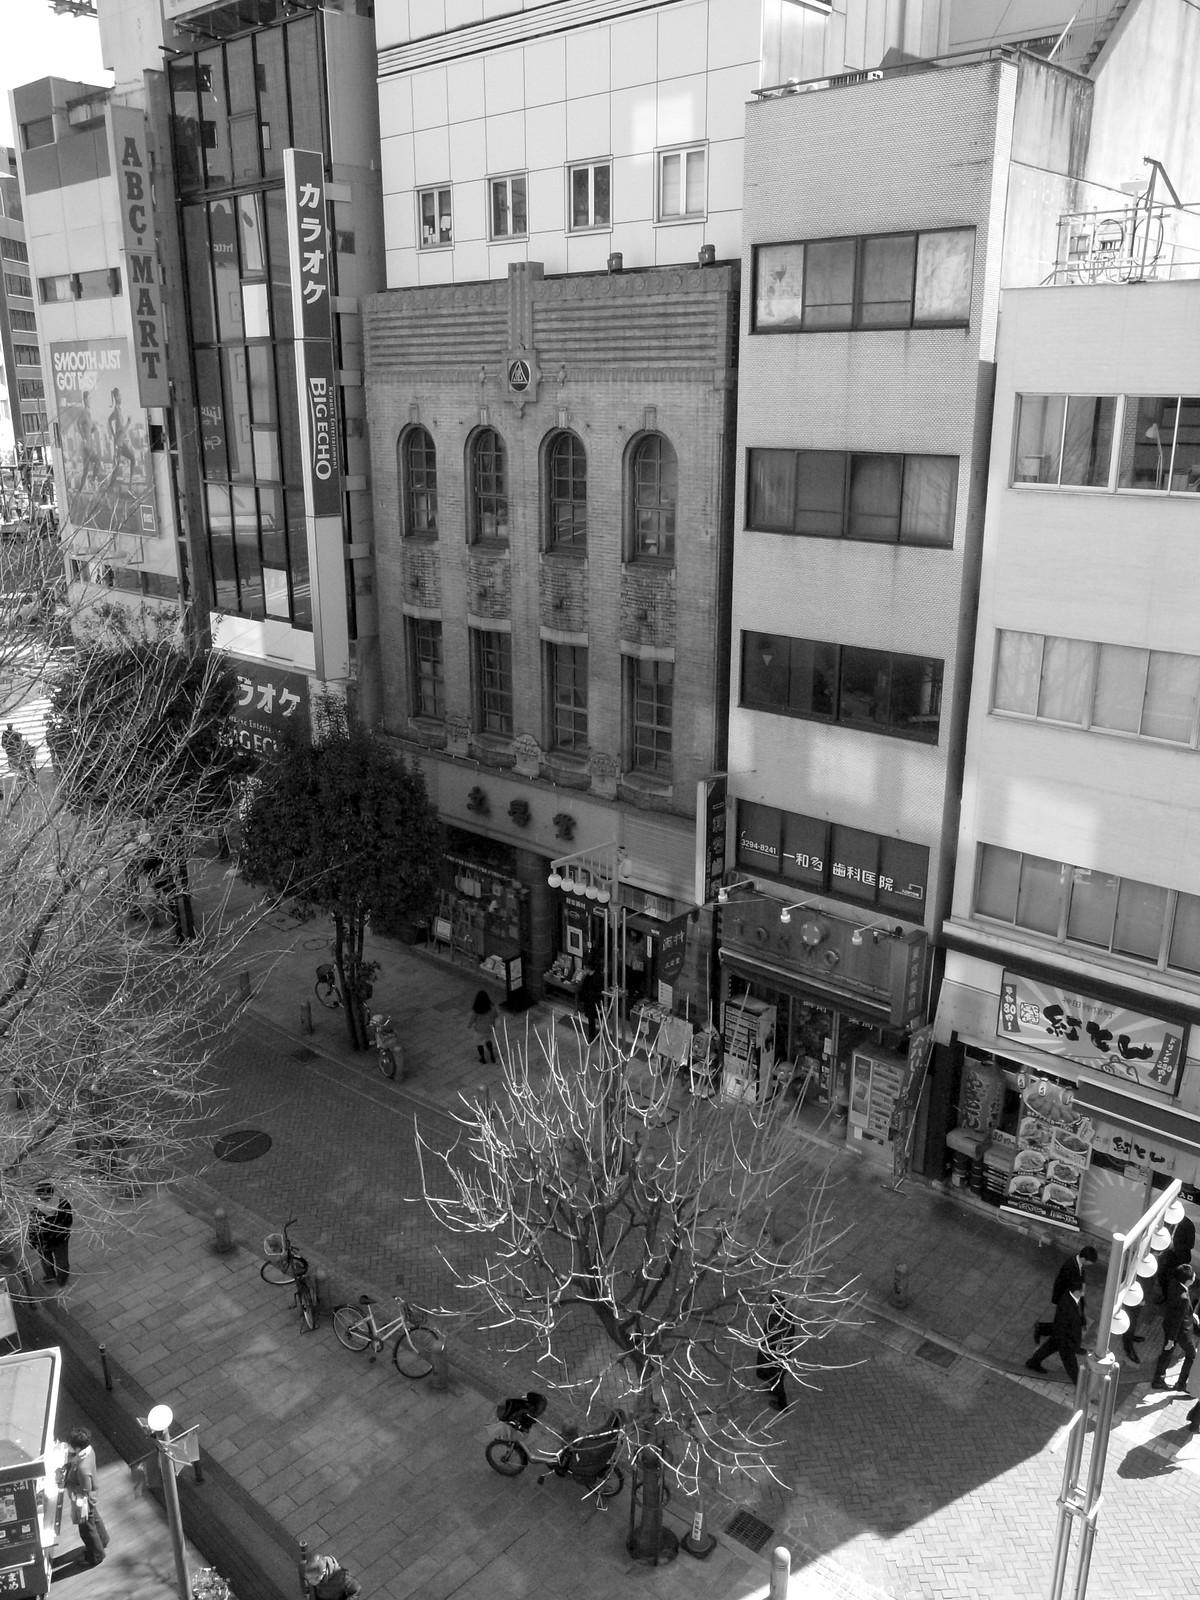 20160302 Suzuran-dori, Kanda Jimbocho